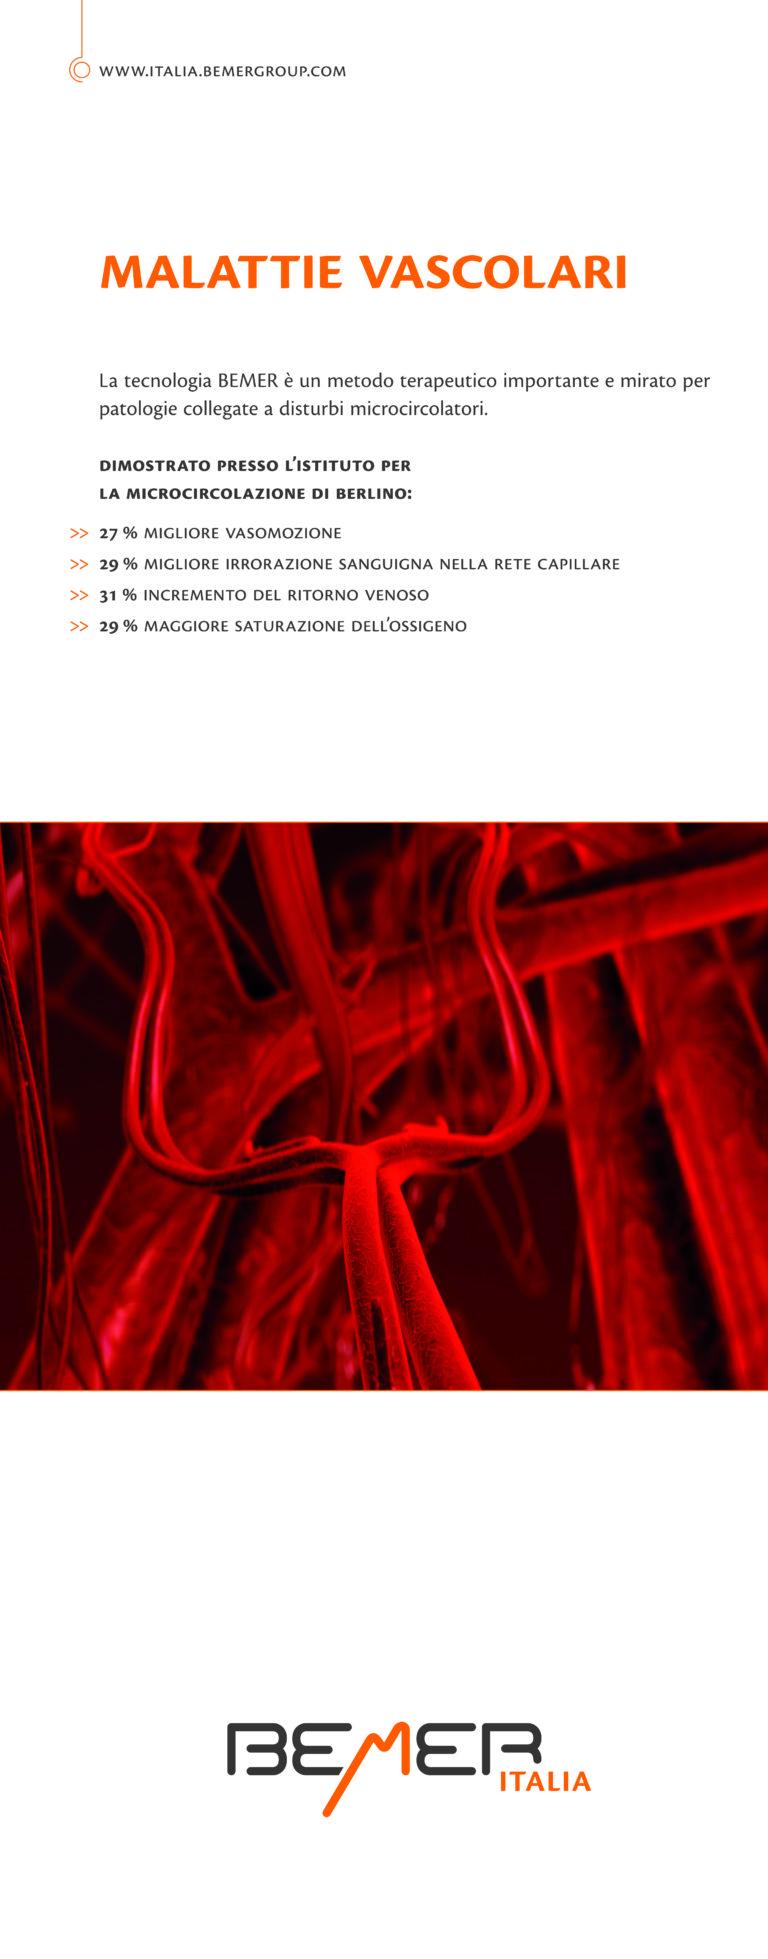 Bemer - terapia per la microcircolazione